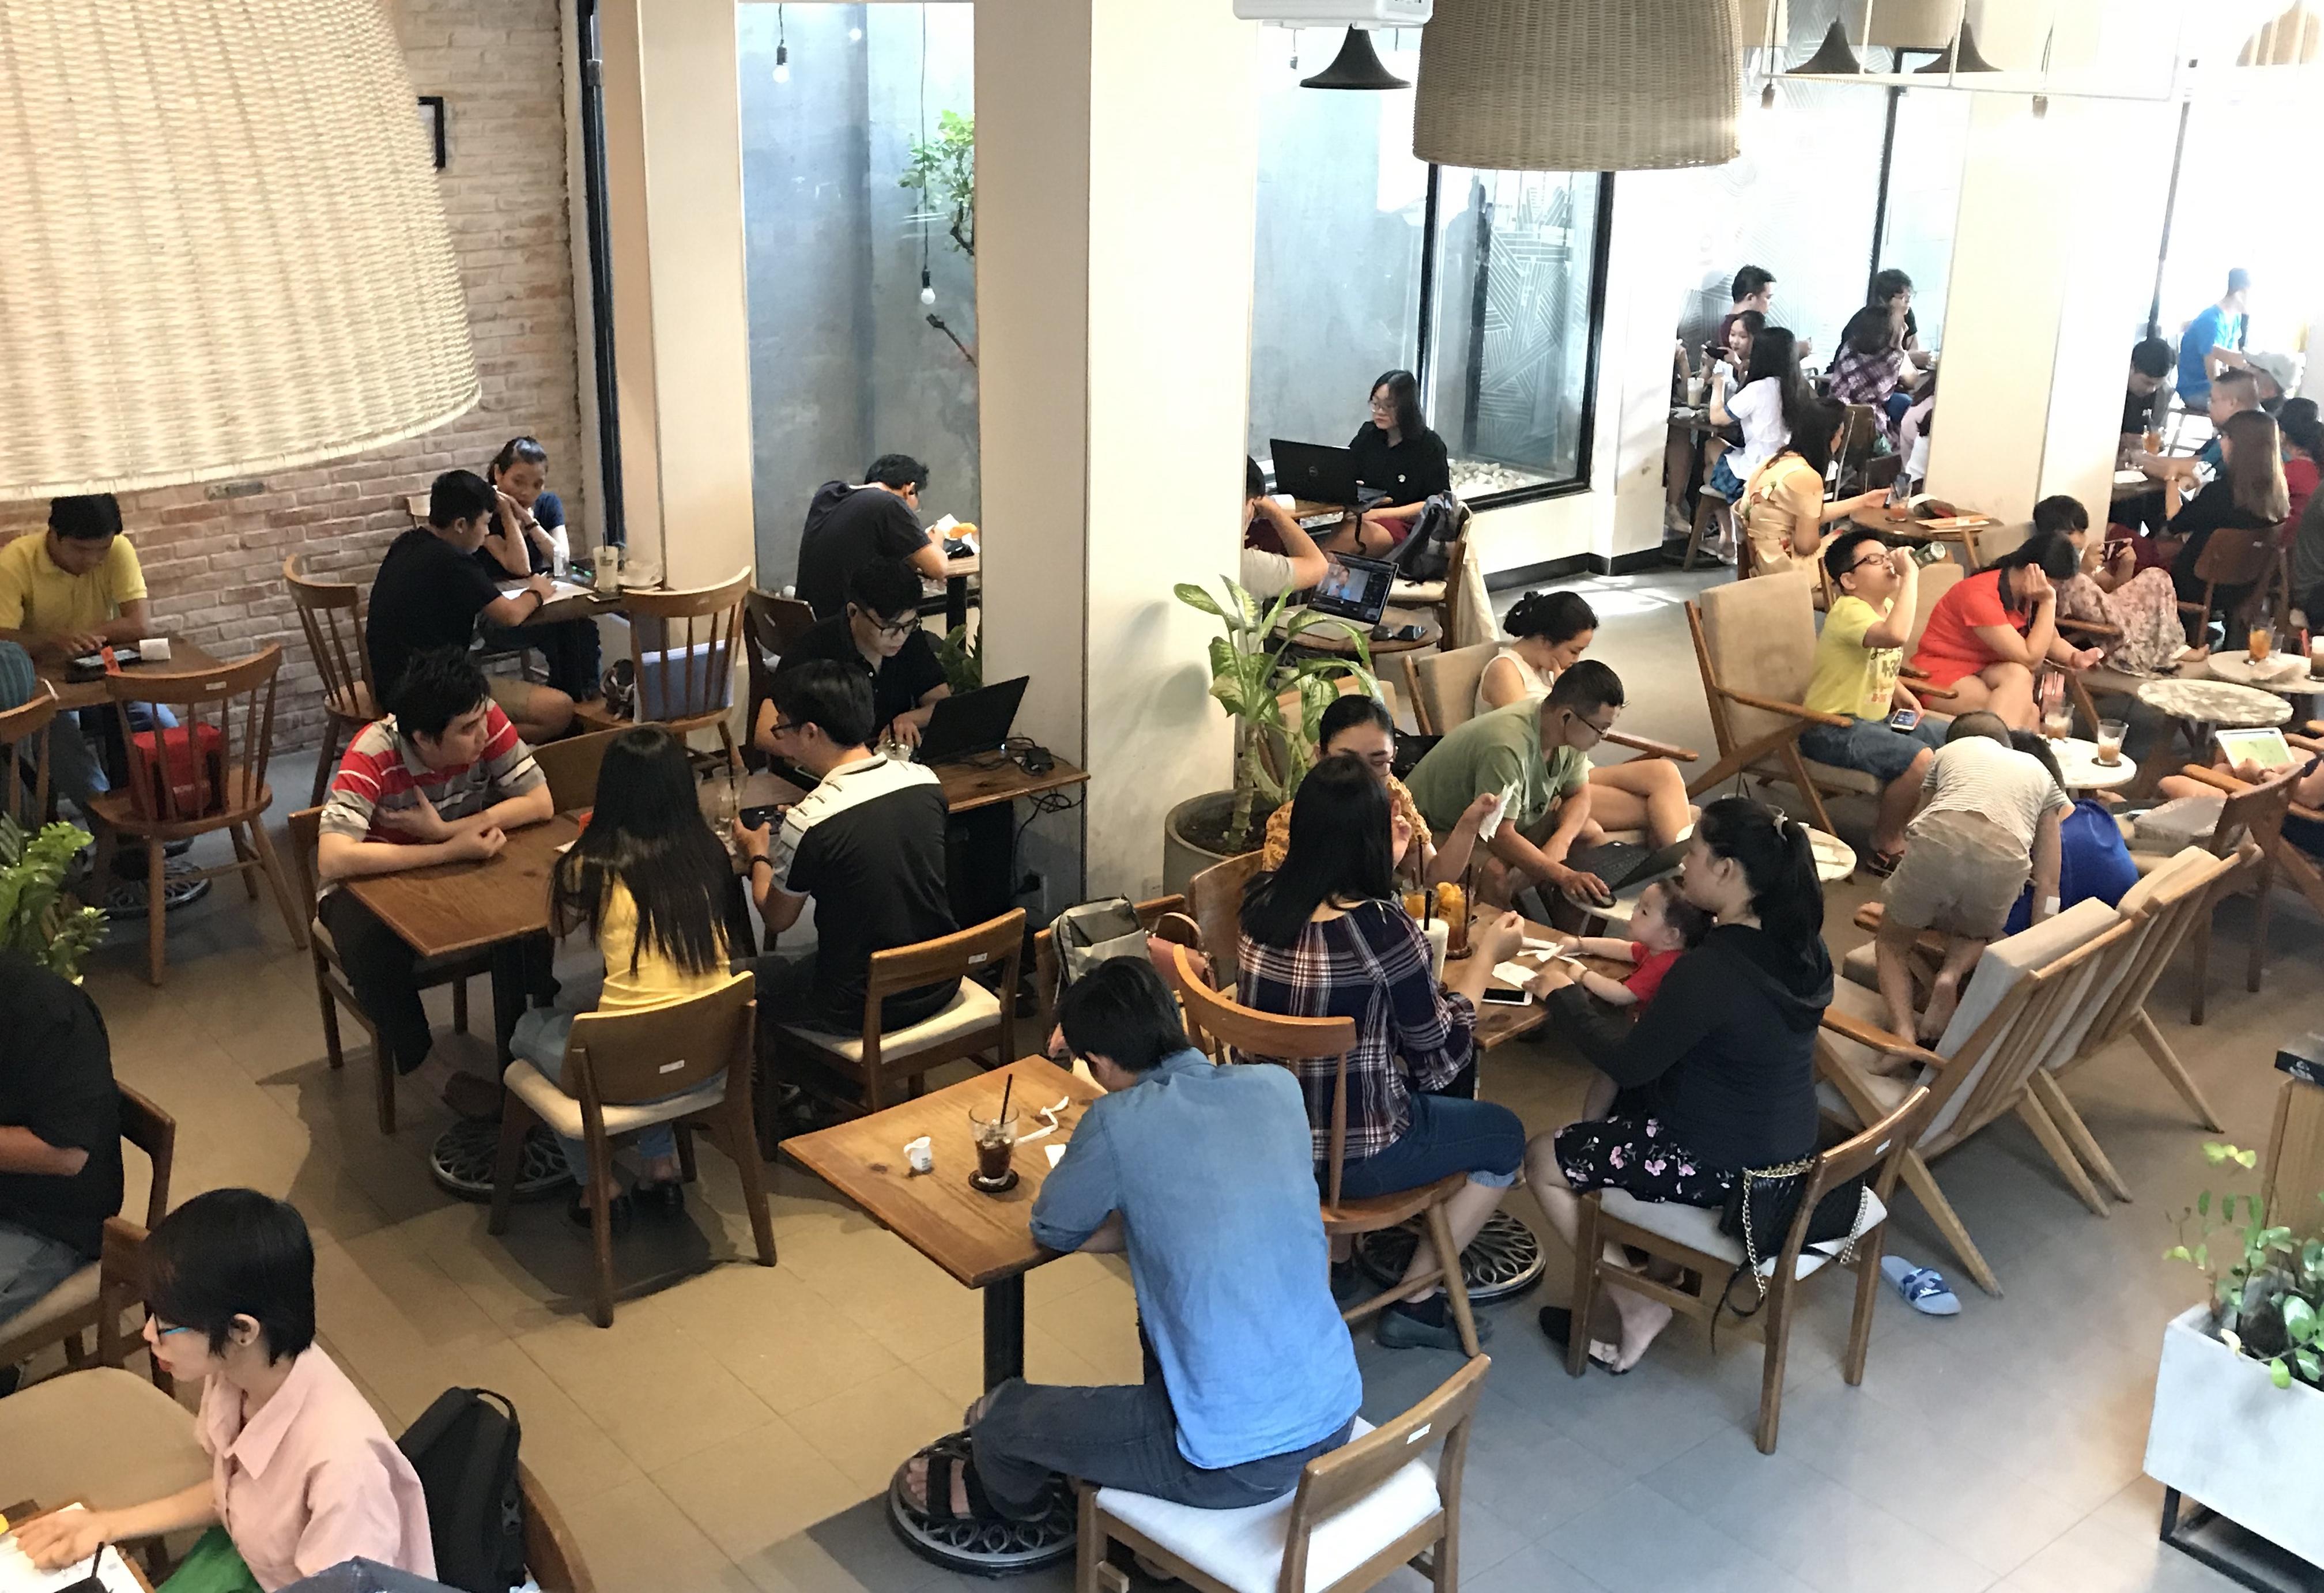 Các quán cà phê theo mô hình chuỗi rất đông khách. Ảnh: Phúc Minh.